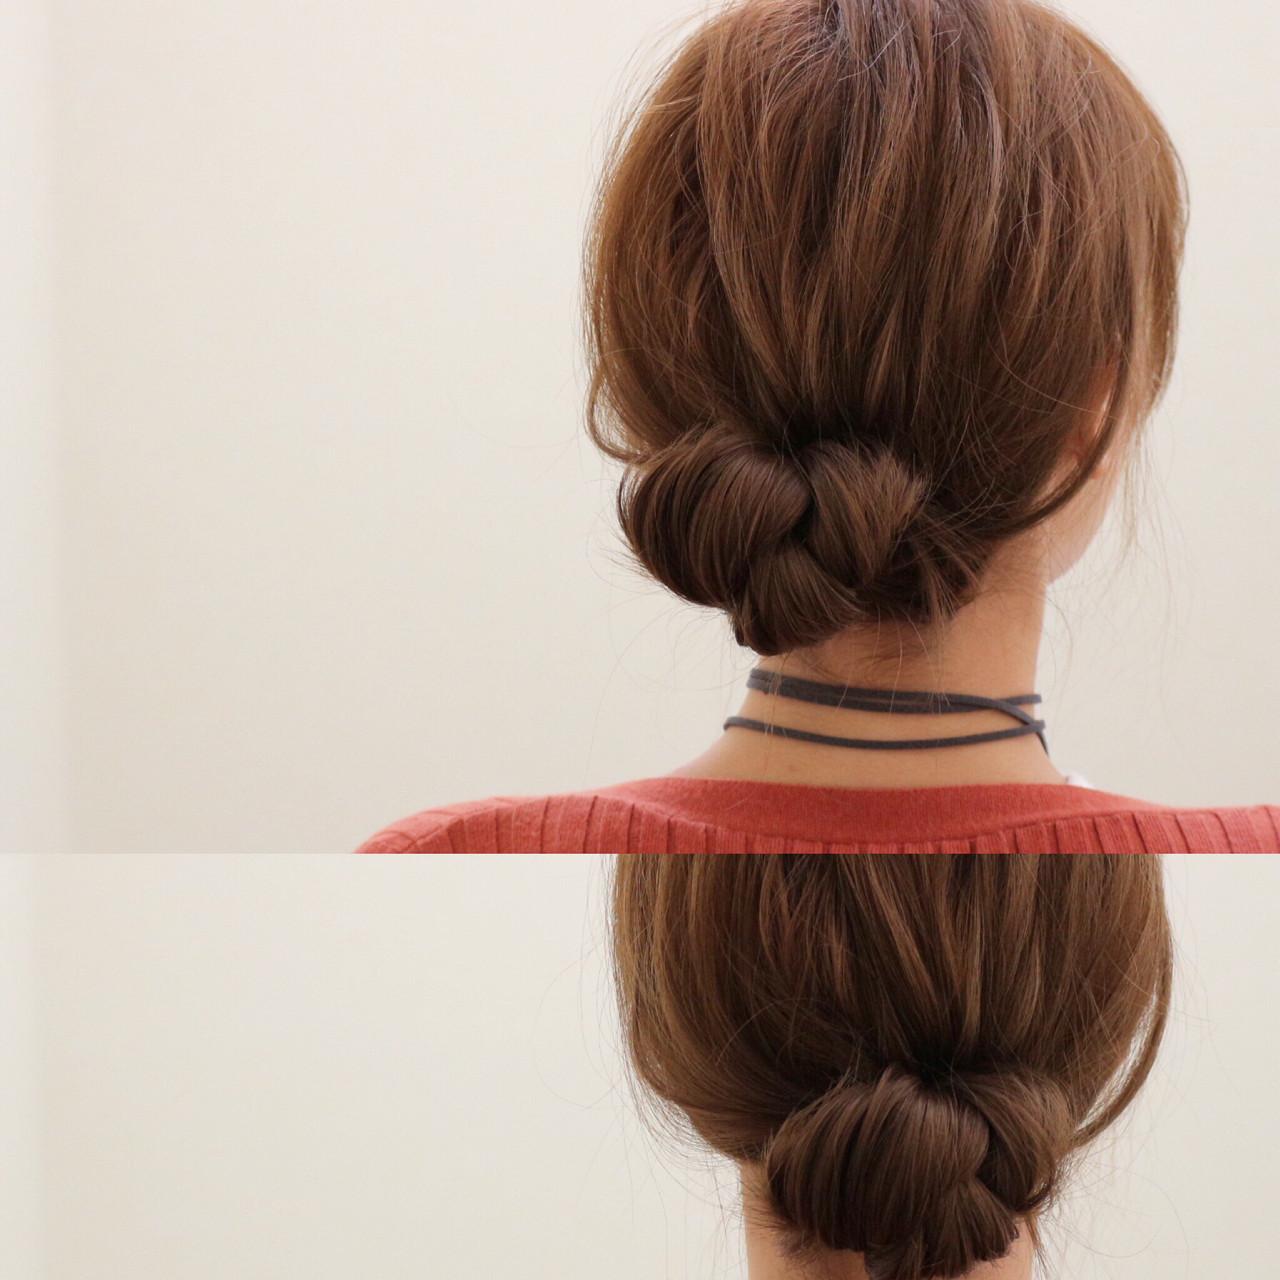 簡単ヘアアレンジ 三つ編み まとめ髪 ショート ヘアスタイルや髪型の写真・画像